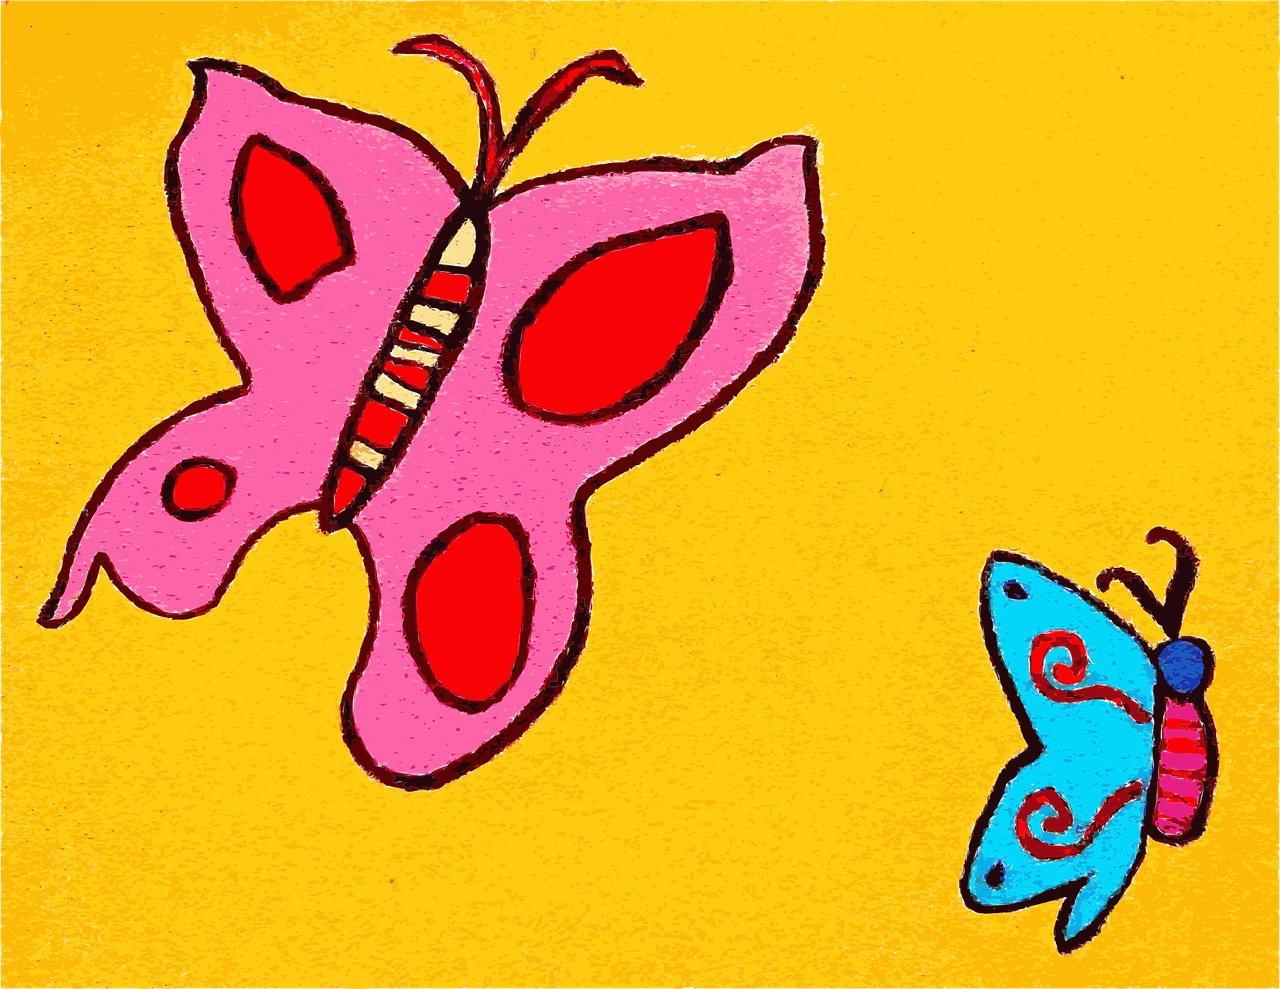 Bajka o motylku dla dzieci do czytania